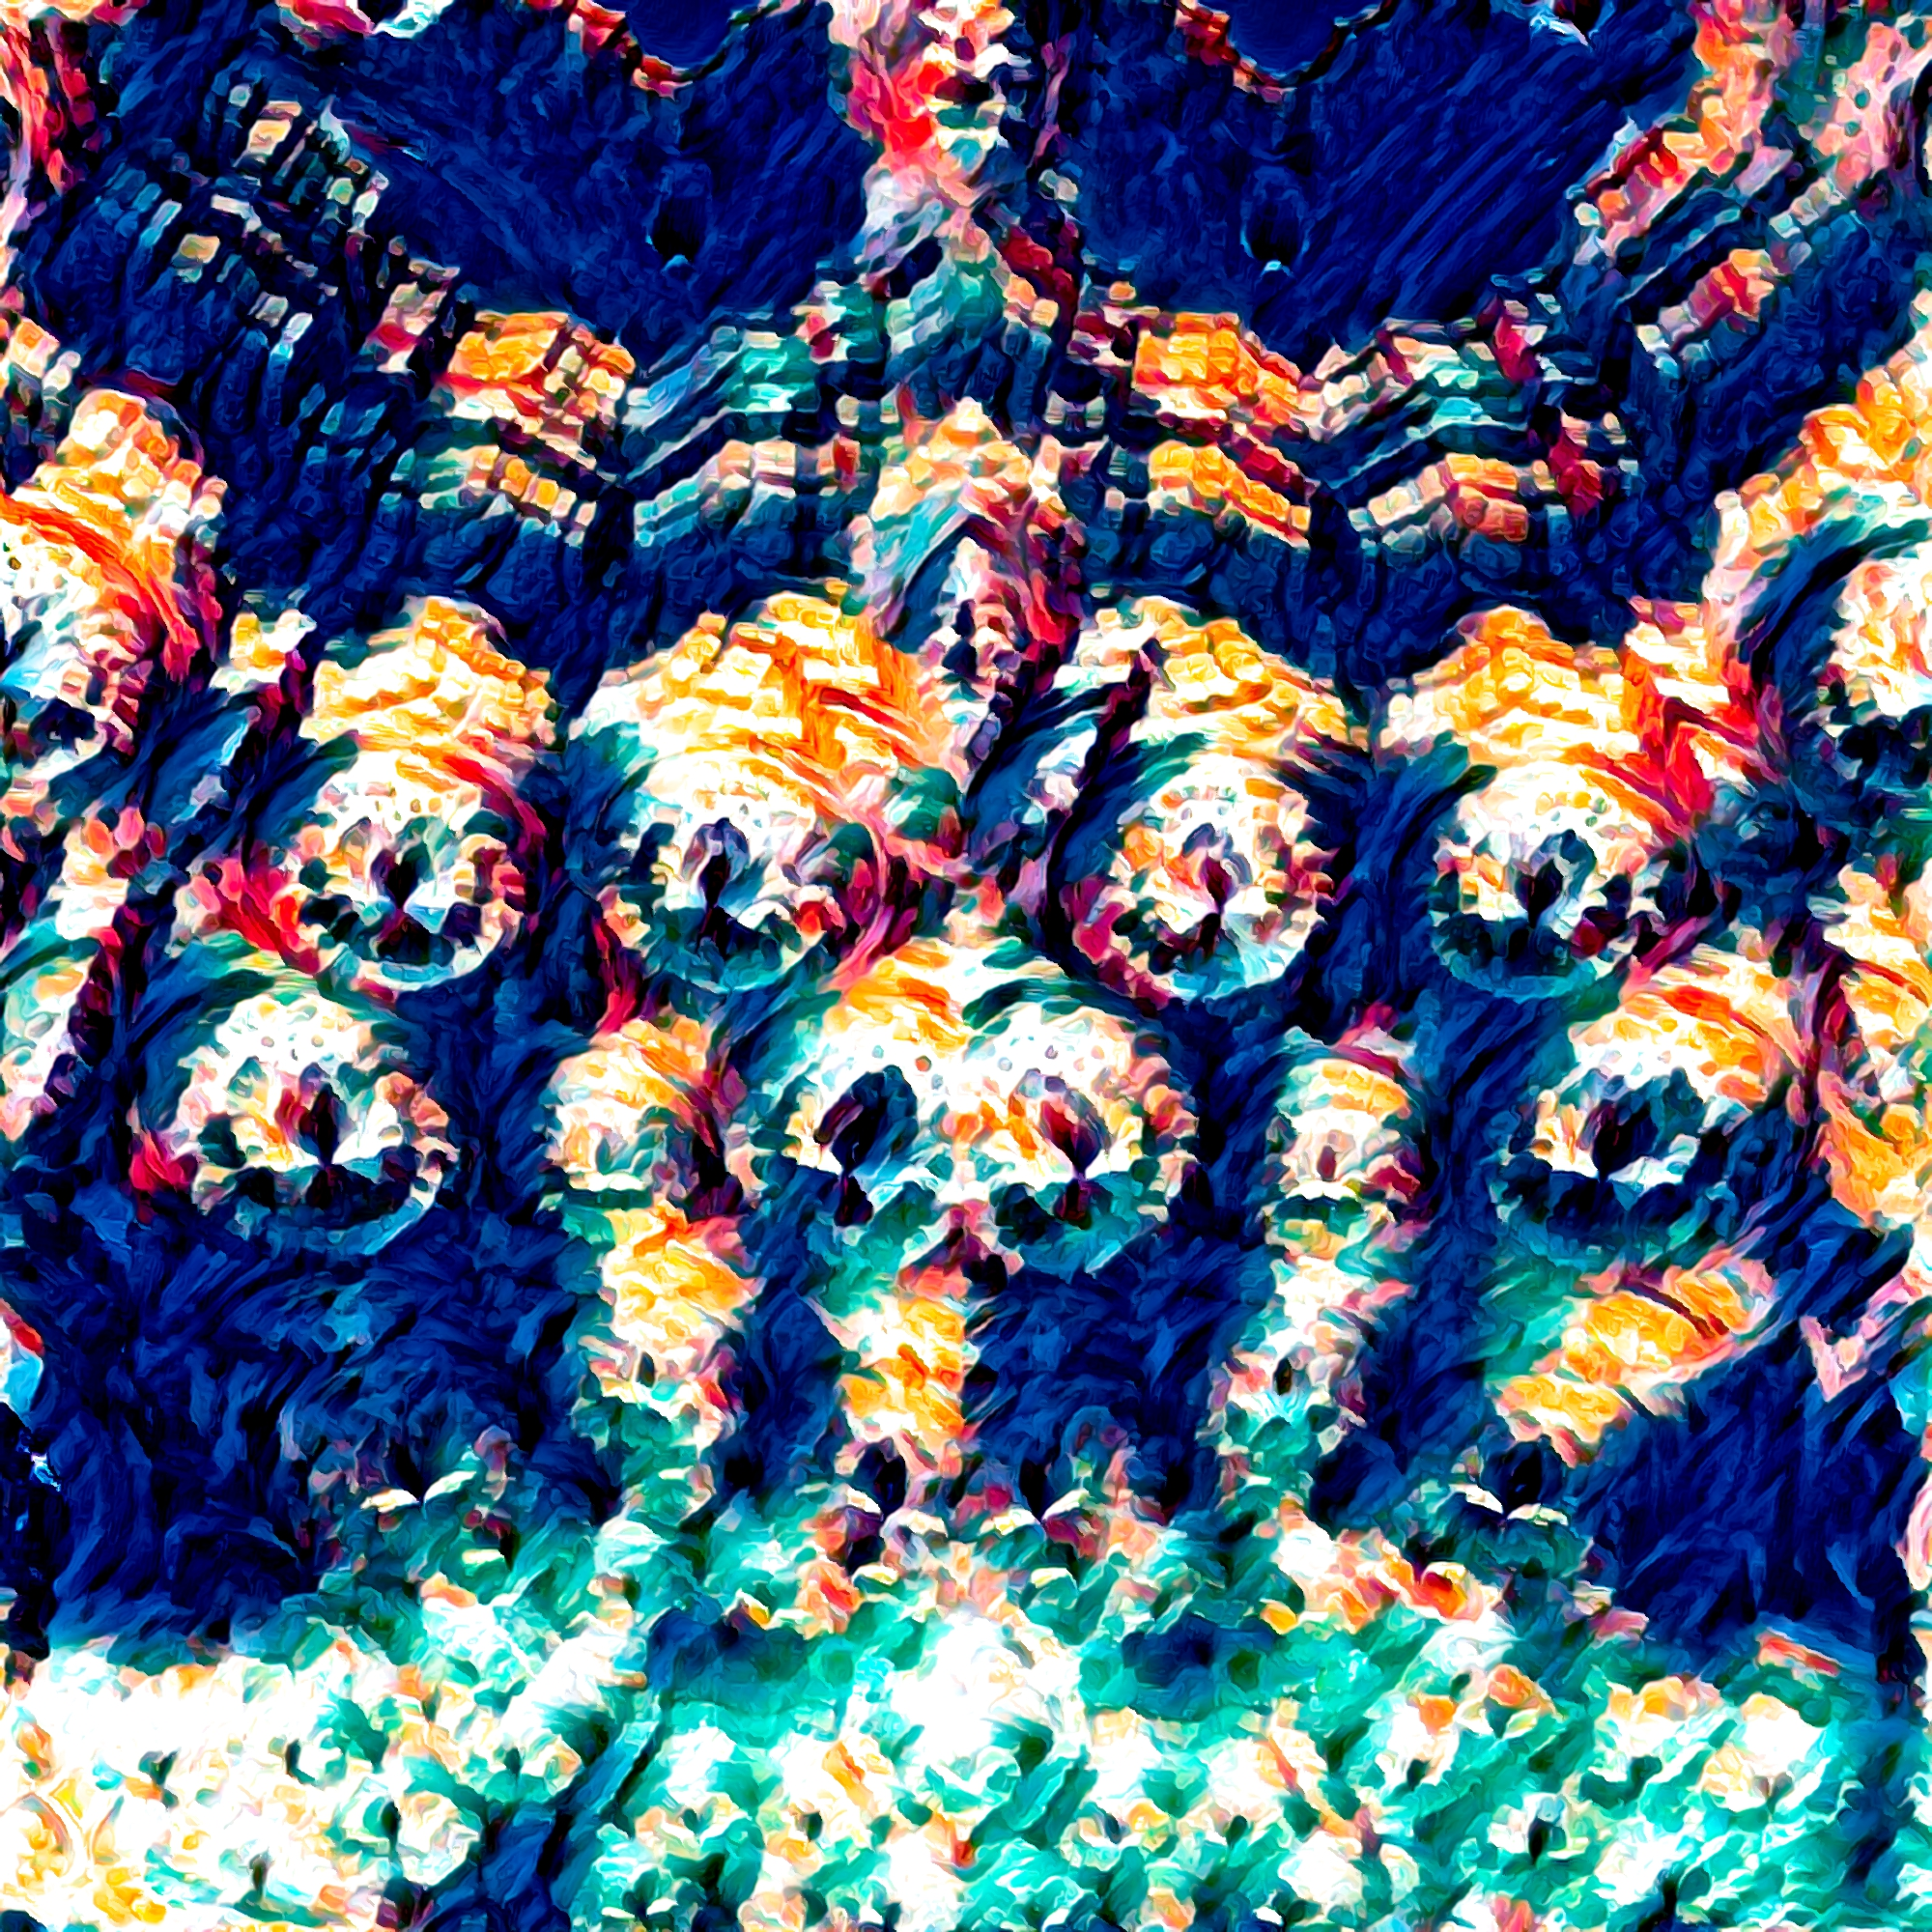 恐怖&怖い威圧的なファンタジーの壁&岩の壁紙:カラフル